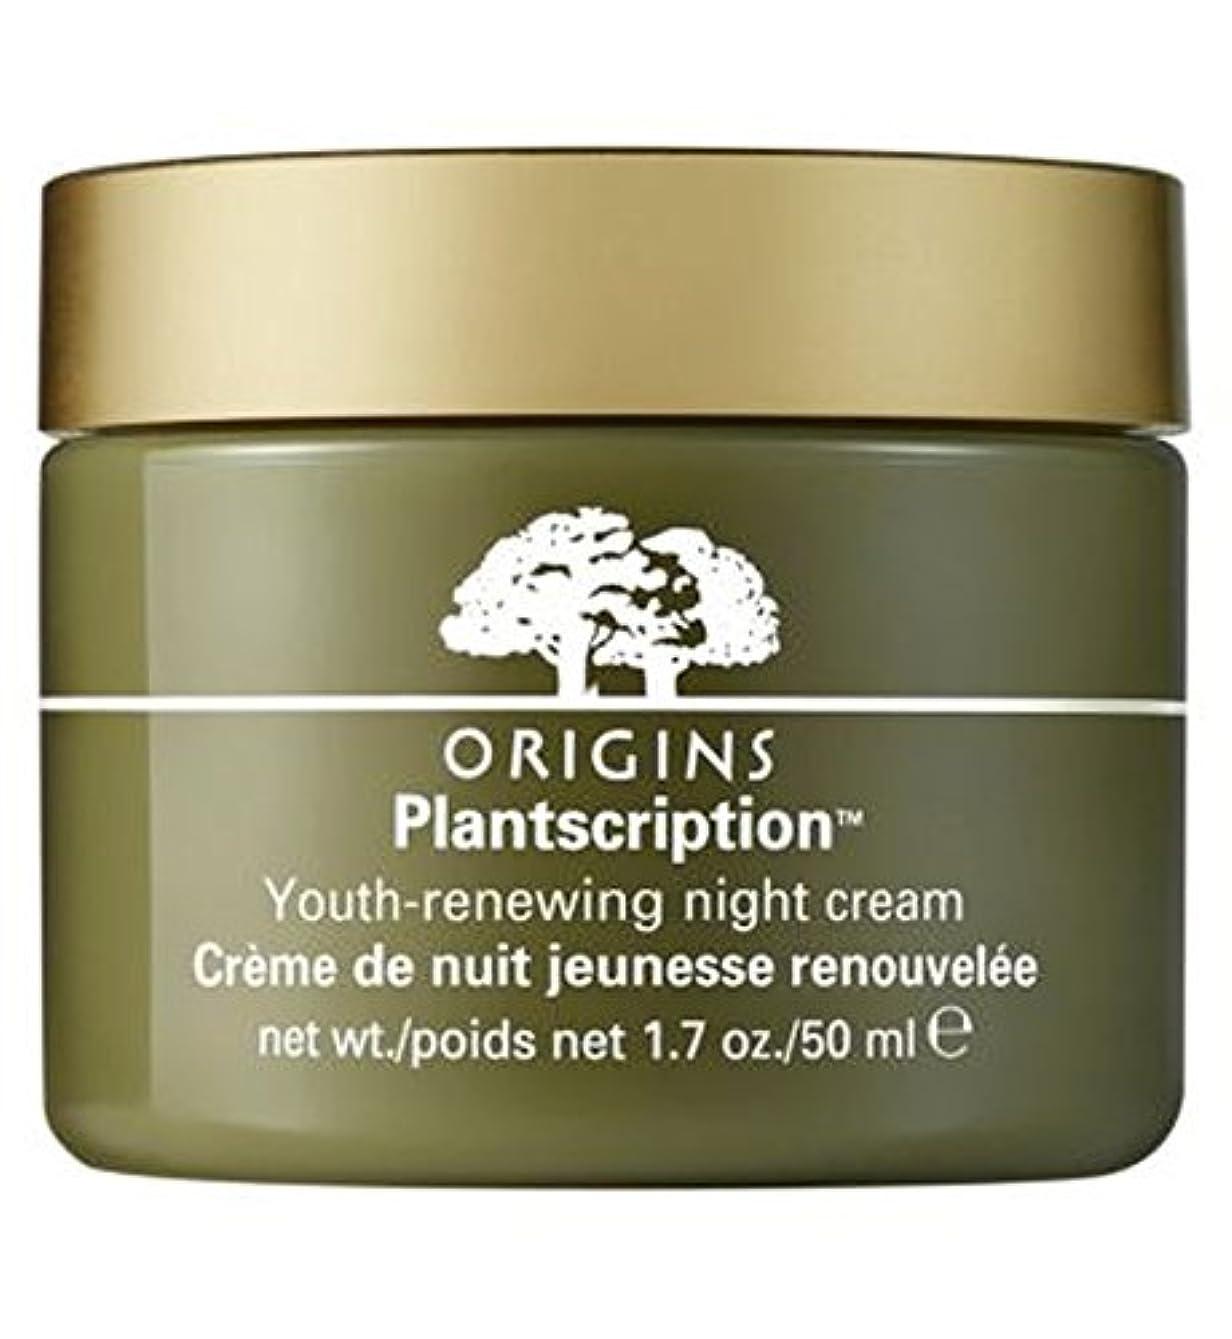 ホットつなぐ本質的ではないOrigins Plantscription Night Cream 50ml - 起源Plantscriptionナイトクリーム50ミリリットル (Origins) [並行輸入品]